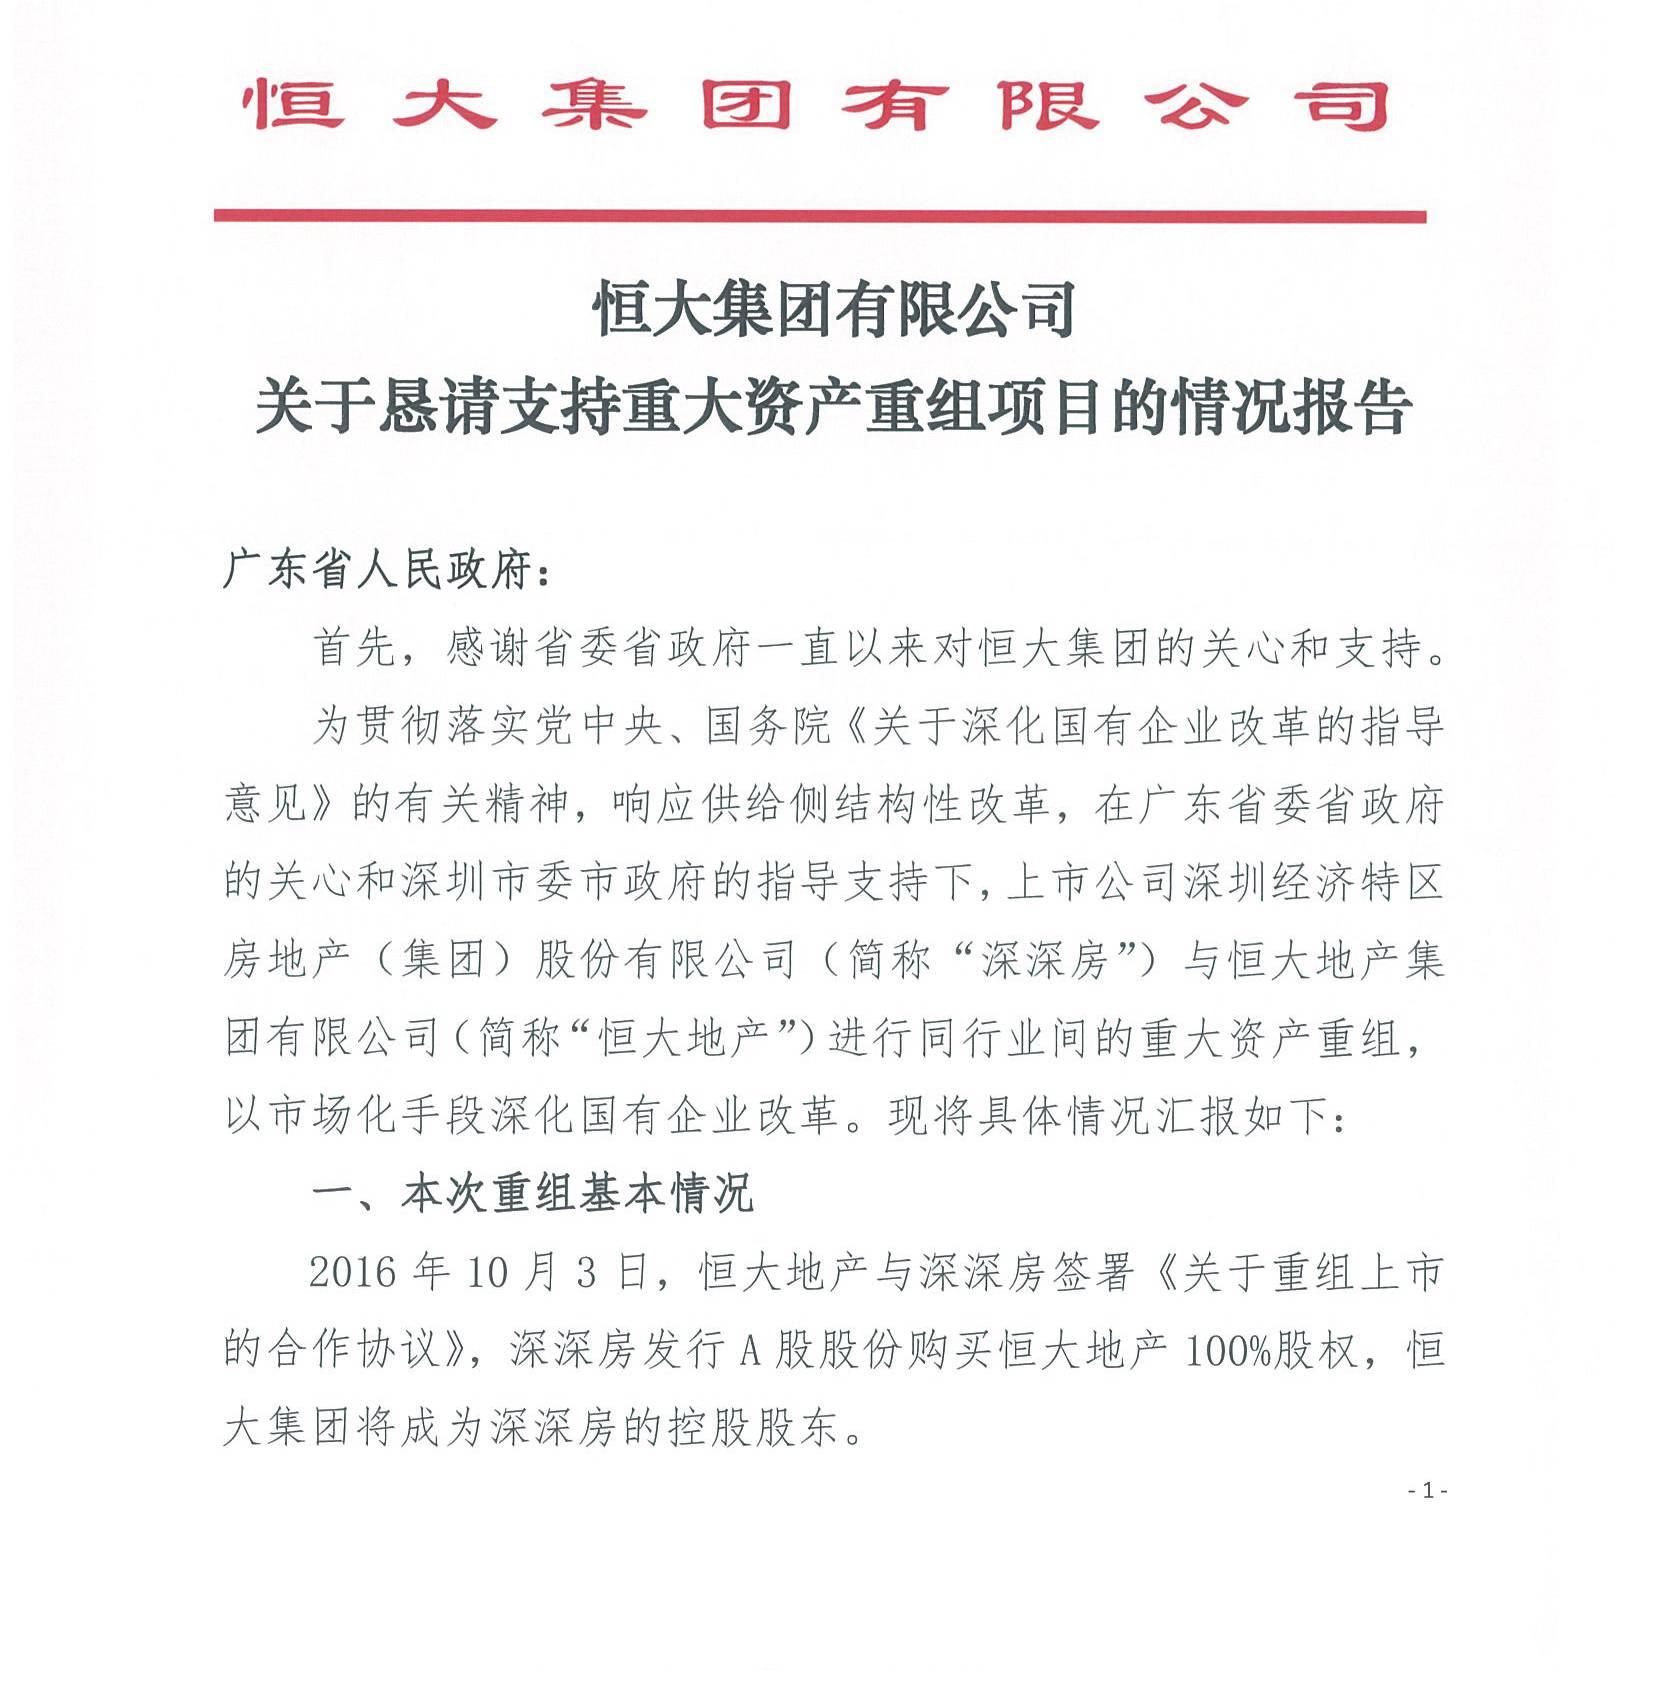 恒大集团关于恳请支持的报告-1.jpg.jpg